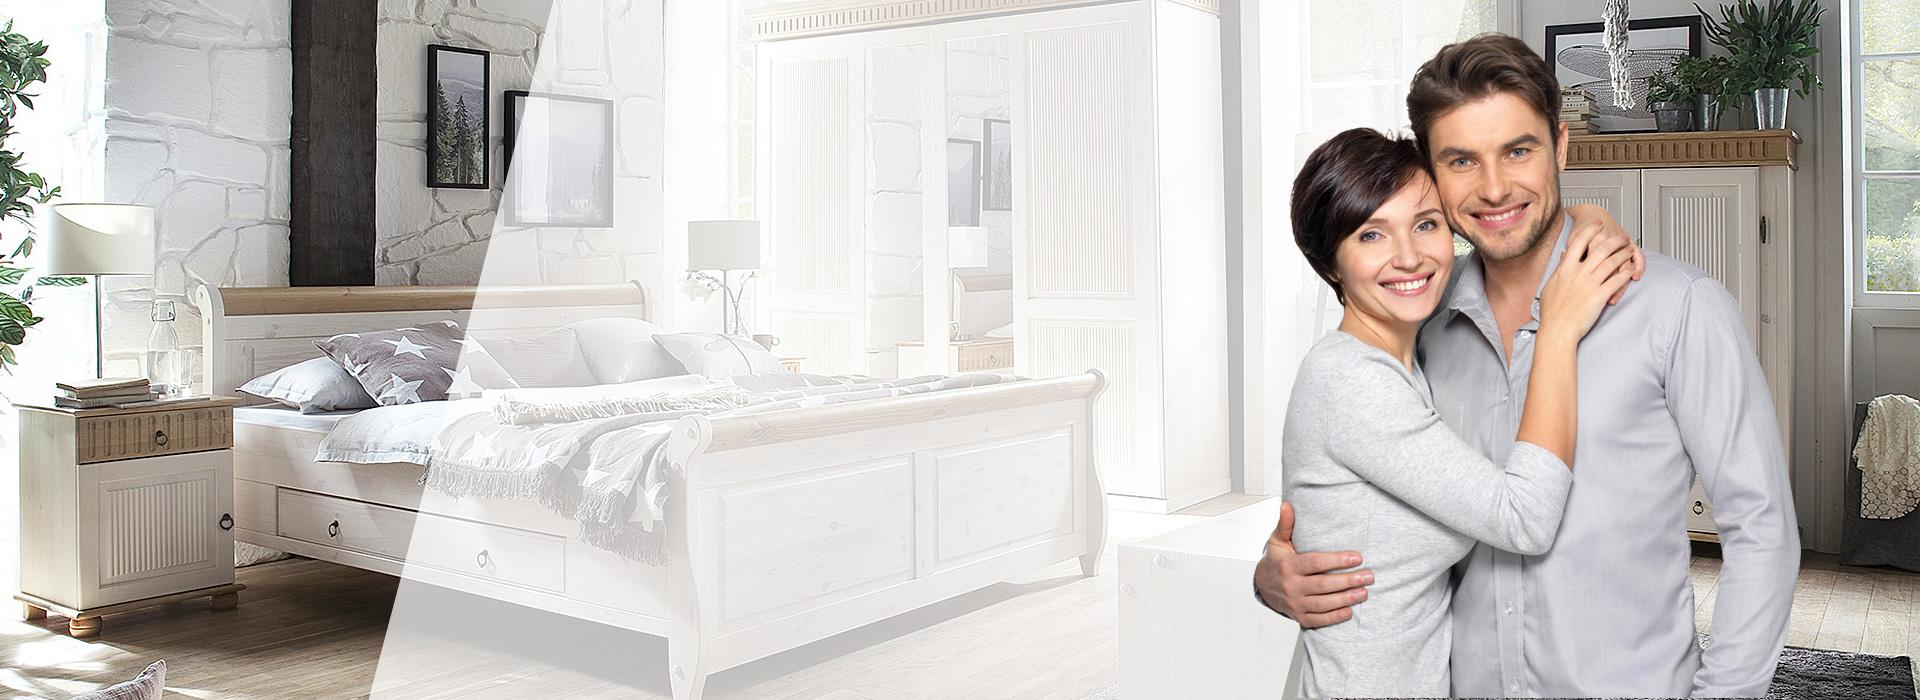 Лучшие коллекции мебели фабрики ММЦ со скидкой до 40%